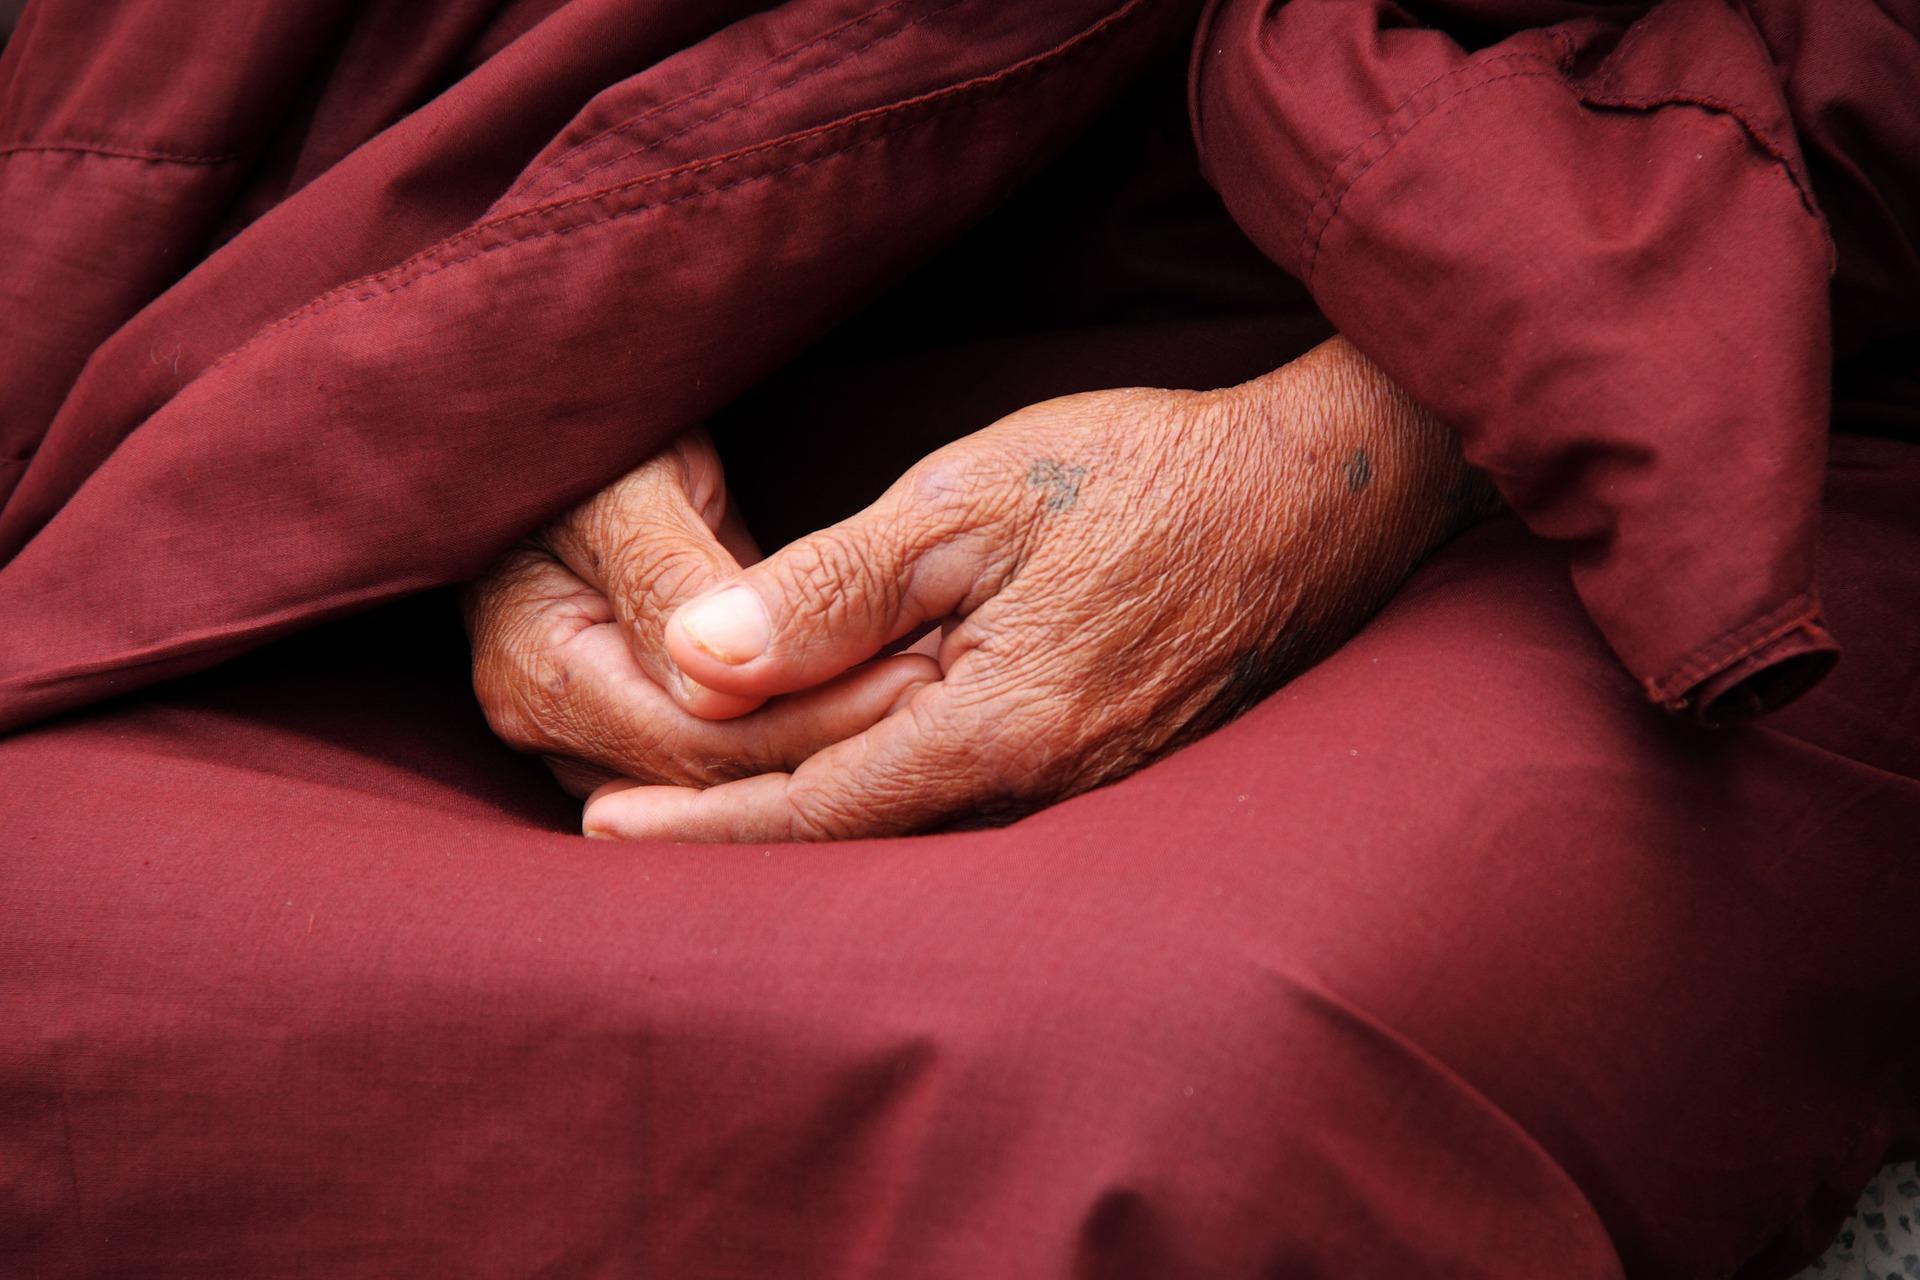 Reflexiones budismo 1920 - Reflexiones sobre el Budismo